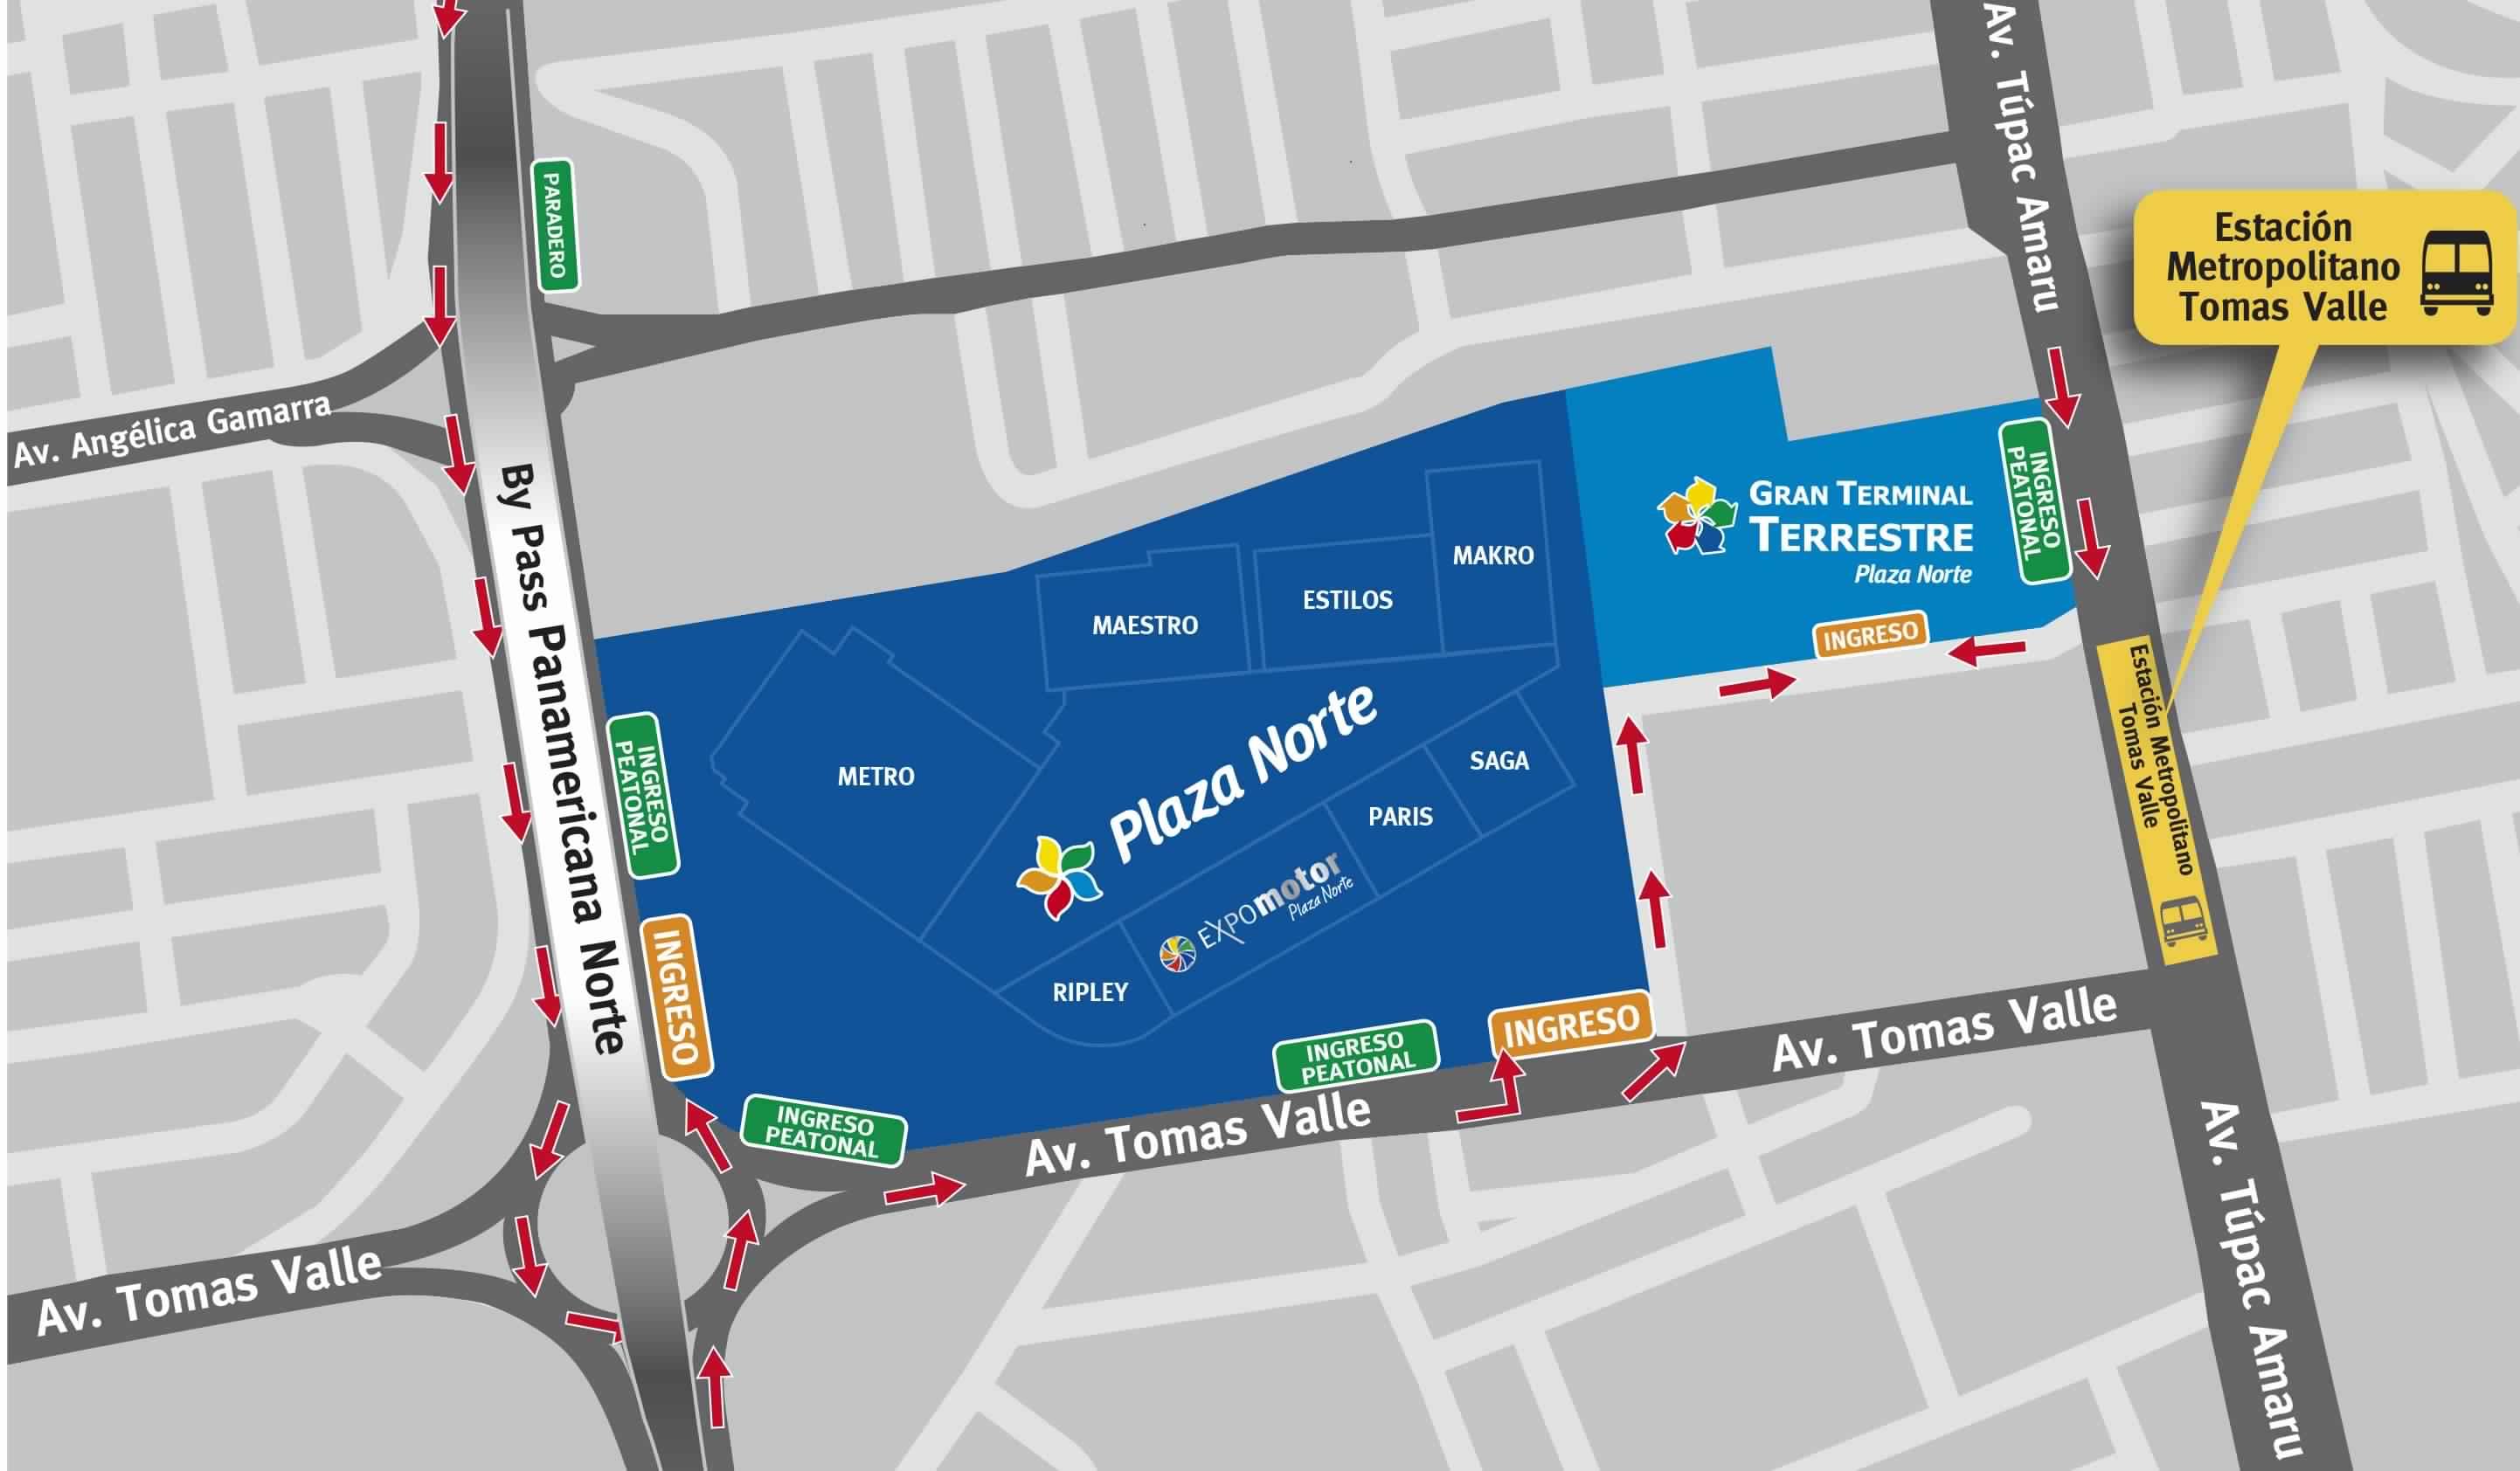 562c83ea7 Plaza Norte - Mapa de Ubicación